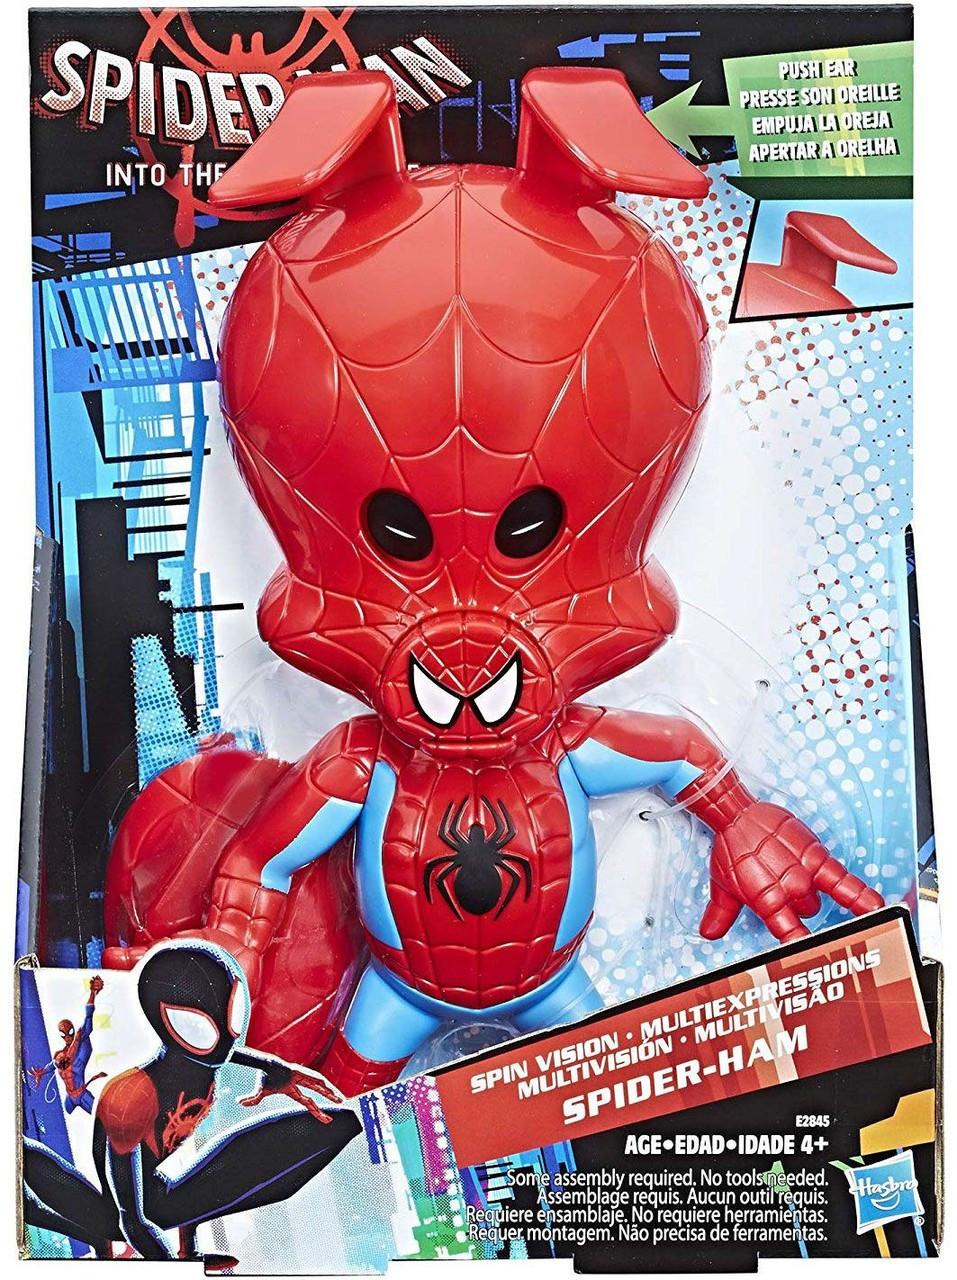 Spider-Man Into the Spider-Verse Spin Vision Spider-Ham